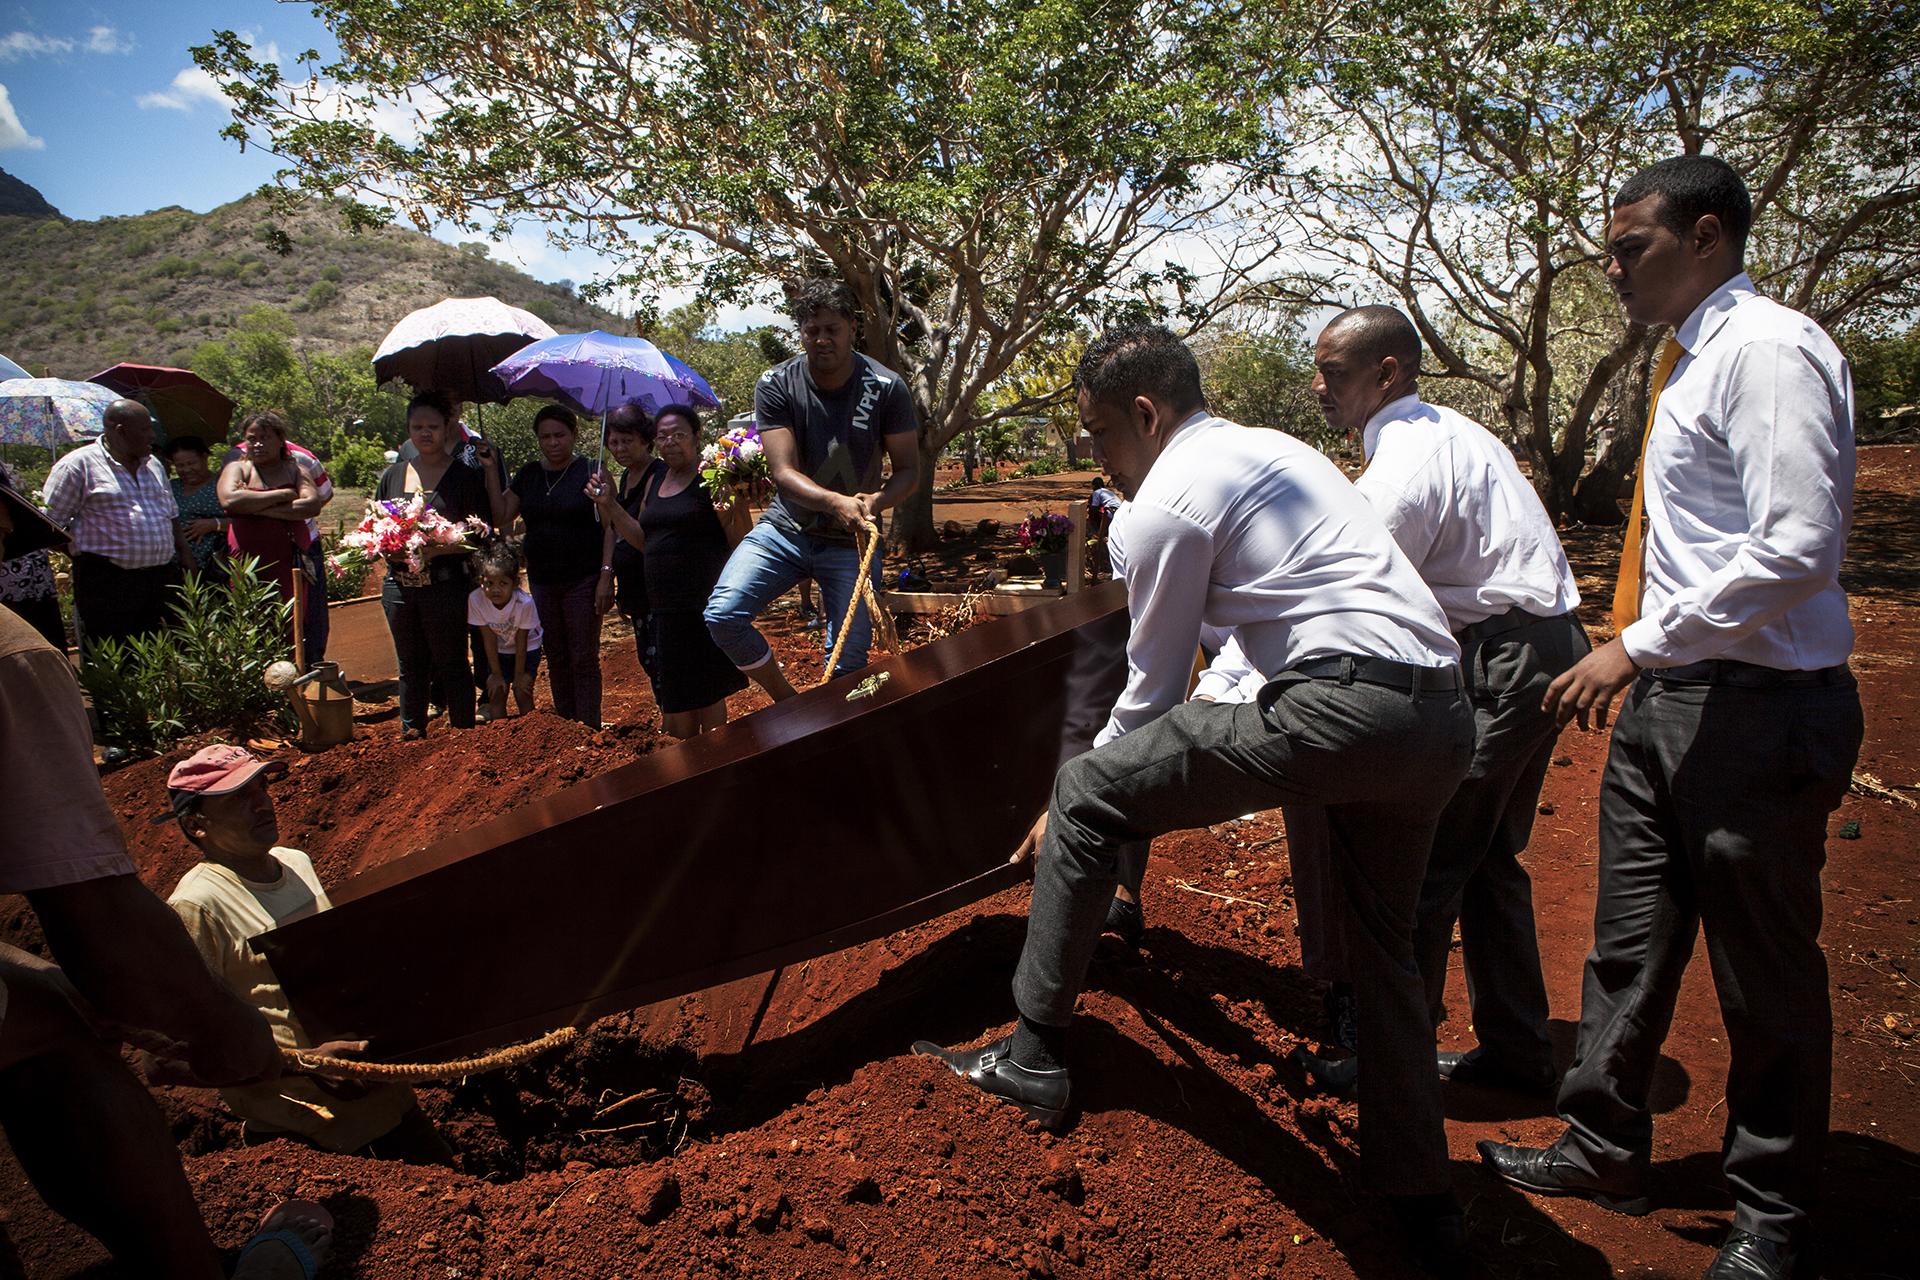 Le cimetière Muza est situé dans les hauteurs de Port Louis. Au pied de la montagne.L'assistance n'est pas très nombreuse pour l'enterrement d'Emilie Louise Codor, la doyenne des Chagossiens. Un simple trou creusé dans le sol, quelques membres de sa famille, Olivier Bancoult du Chagos Refugee Group… La sépulture n'est pas à la hauteur du symbole. « Un enterrement ça coûte cher, nous n'avions pas les moyens de faire plus… et la famille est éparpillée un peu partout, à l'étranger, beaucoup n'ont pas pu venir.. » nous dit son petit fils. Le trou sera simplement rebouché et quelques fleurs seront déposées. Pas de stèle. Pas de croix. Pas de nom. Emilienne reposera ici. Loin de sa terre natale. Du cimetière on ne voit pas la mer.